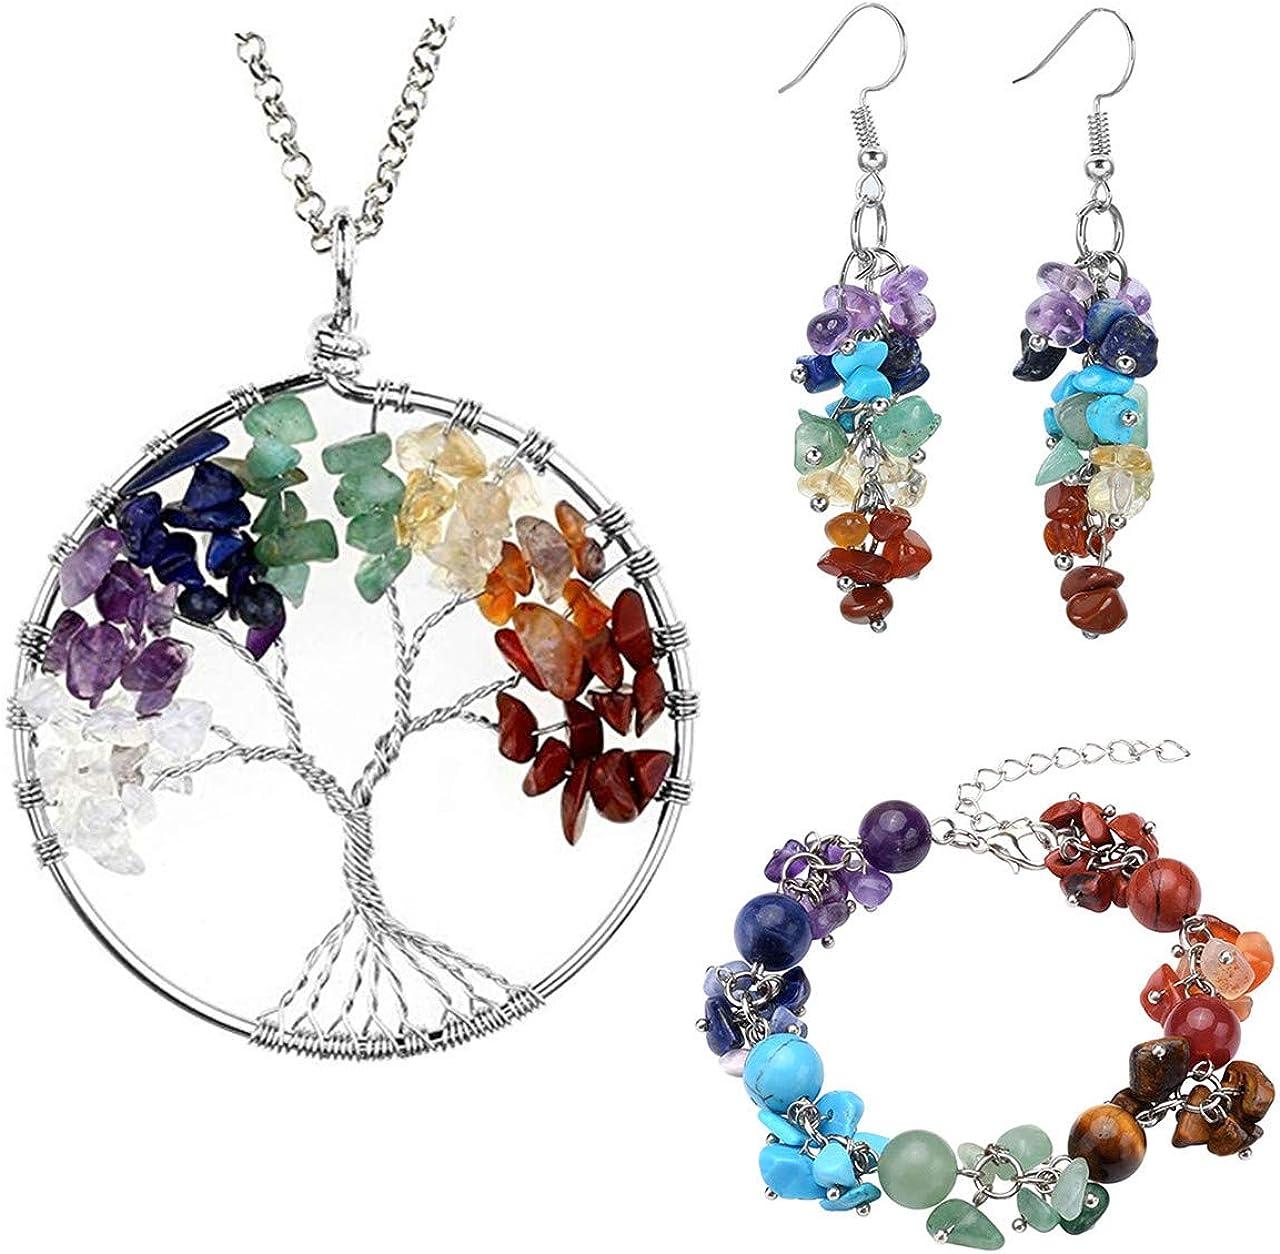 Jovivi - Juego de 7 chakras para mujer con colgante de árbol de la vida, colgante + pendientes de gancho + 10 mm perlas con piedras de tambor, pulsera ajustable